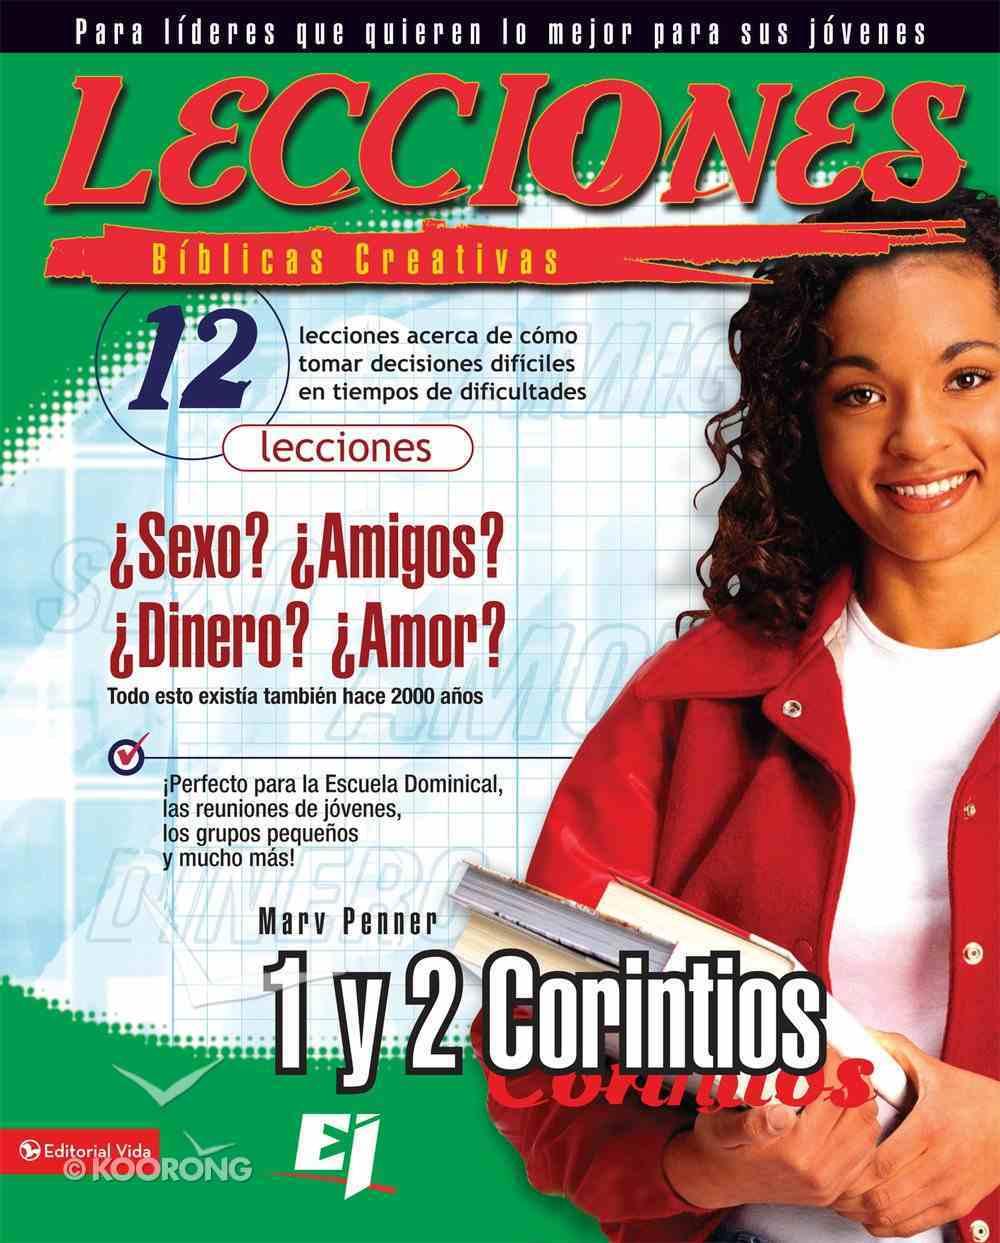 Lecciones Bblicas Creativas: 1 Y 2 Corintios (Spa) (Spanish) eBook